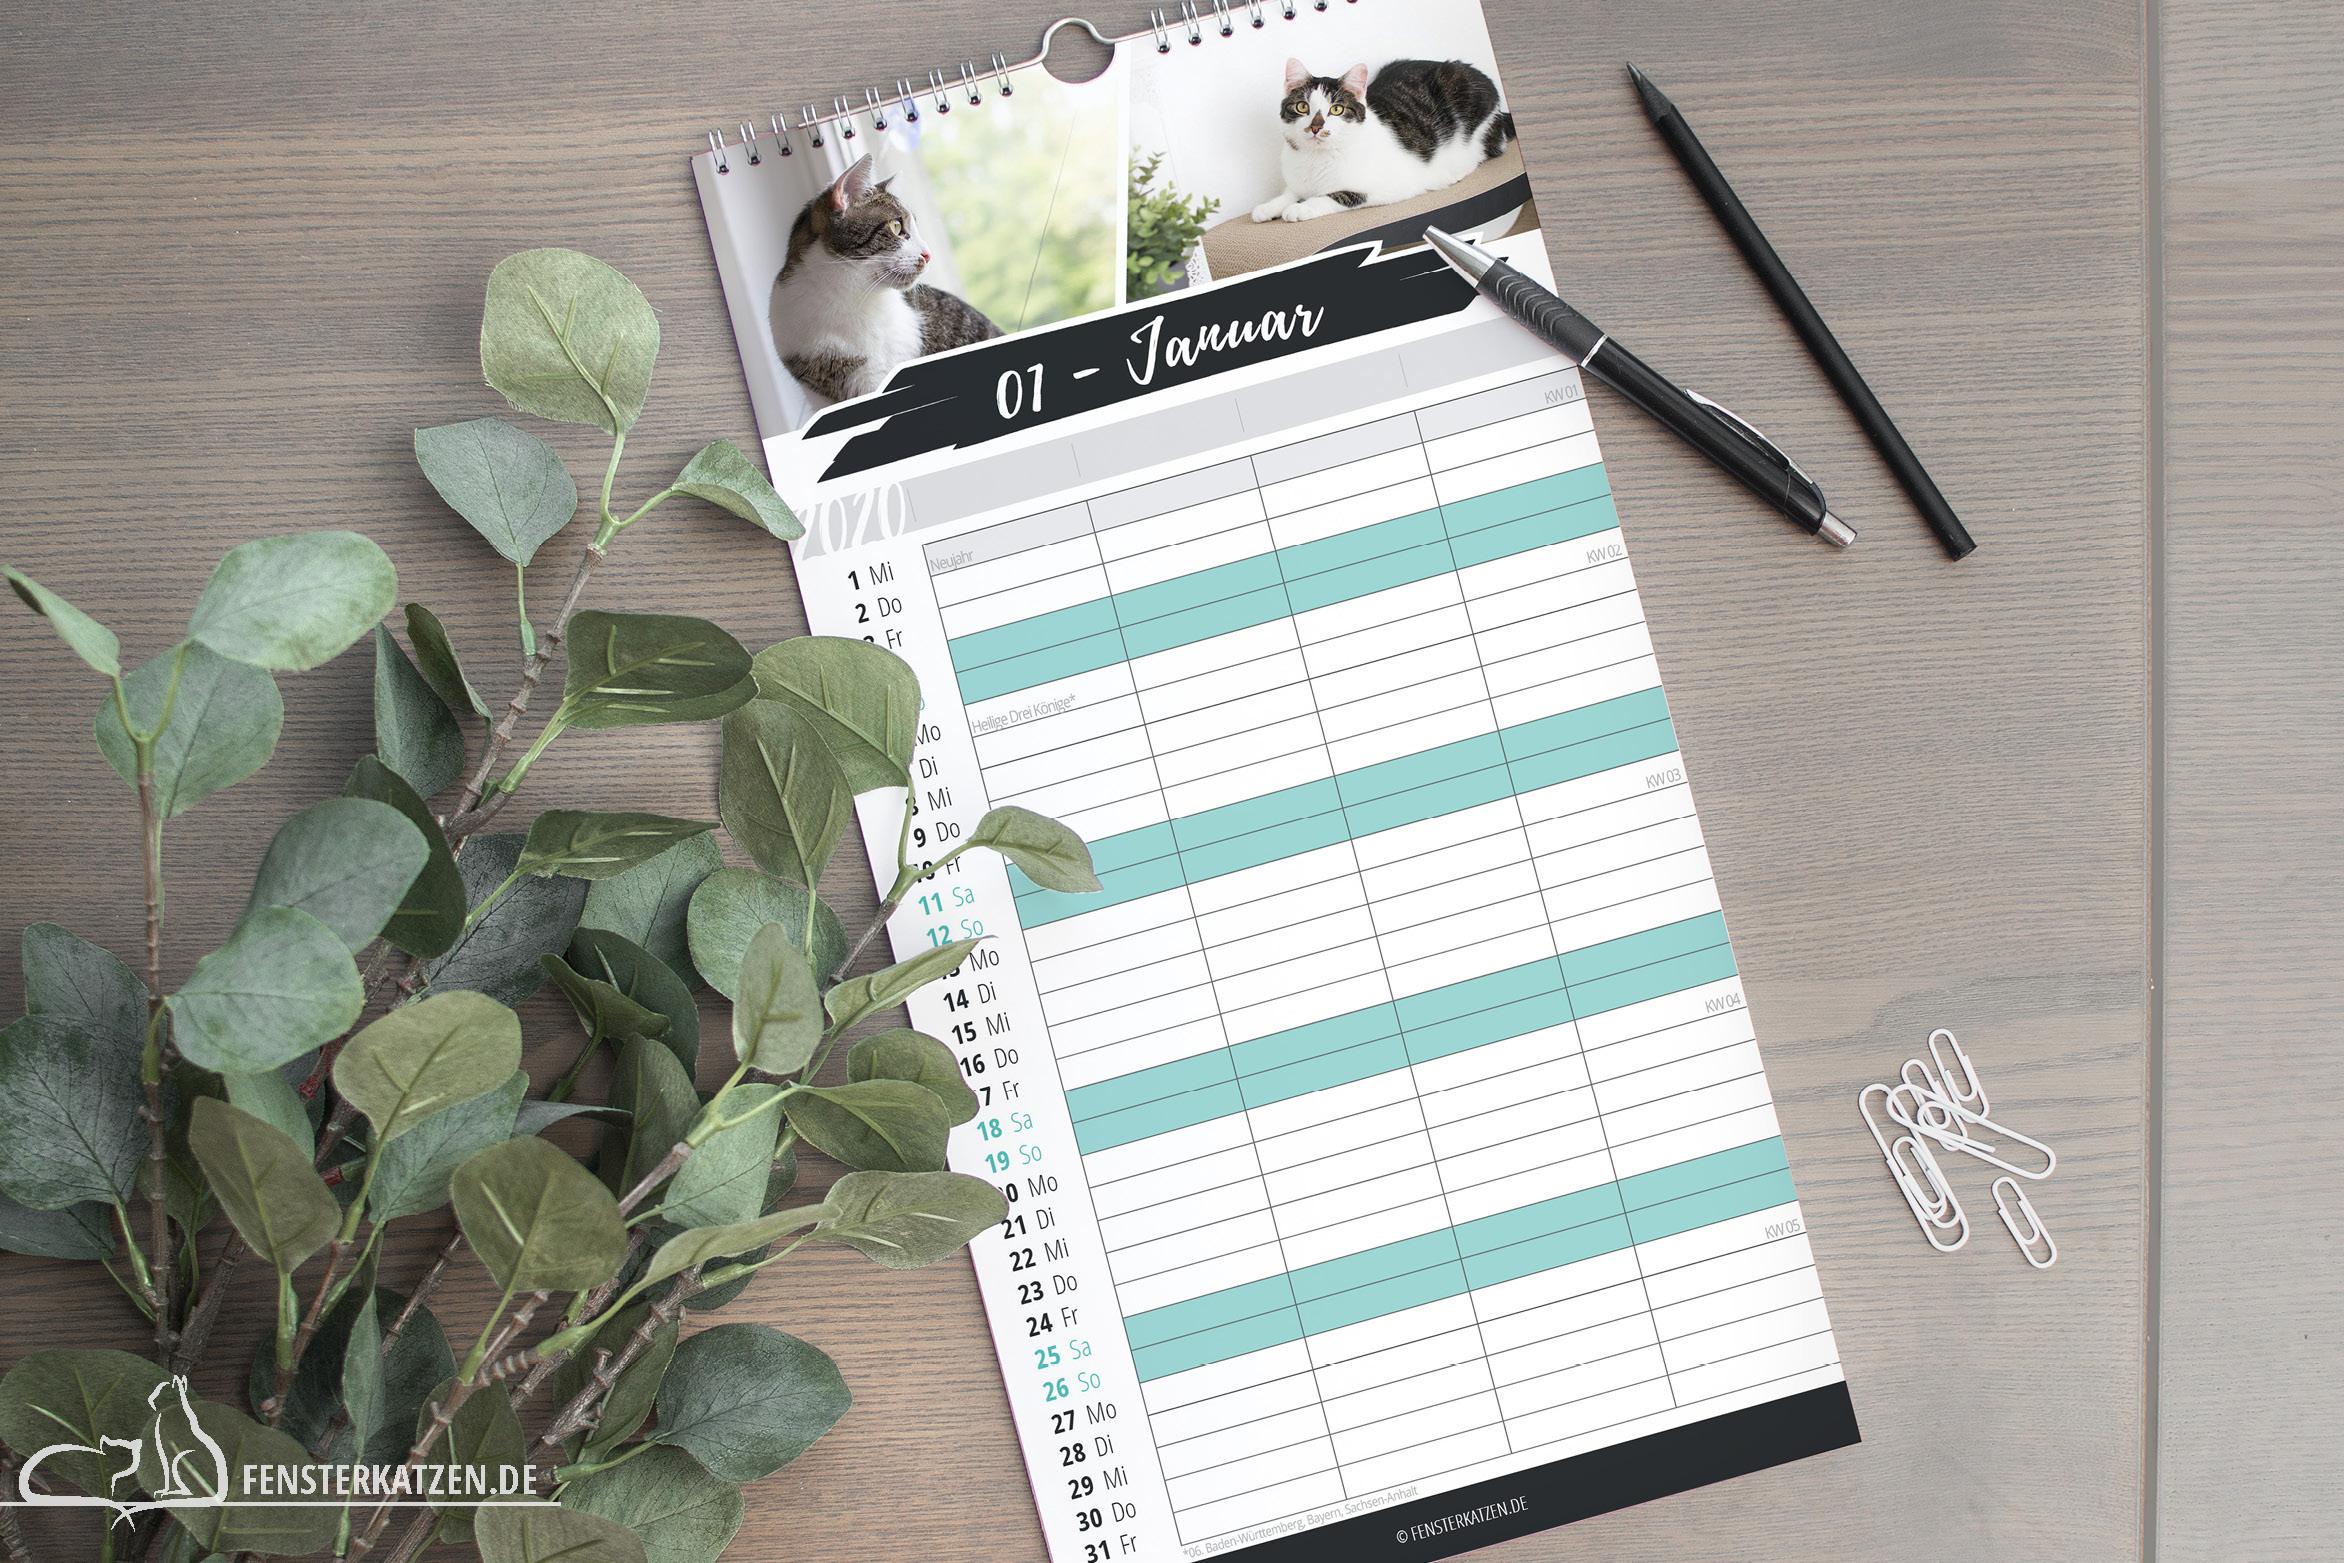 Fensterkatzen-News-Kalender-2020-Familienplaner